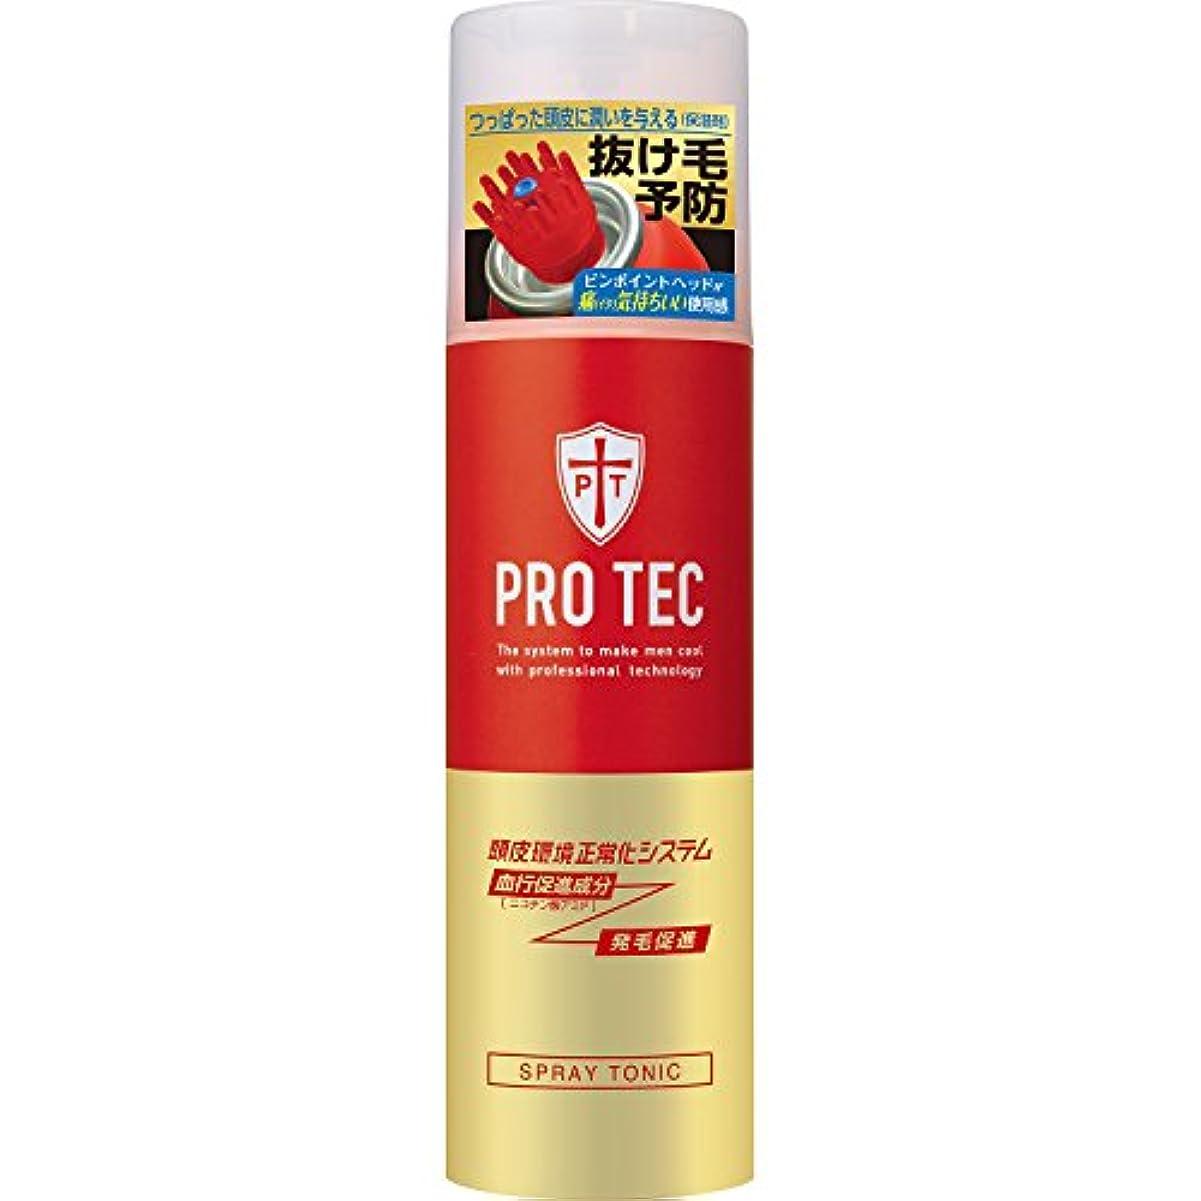 切手導出吸い込むPRO TEC(プロテク) スプレートニック 150g(医薬部外品)